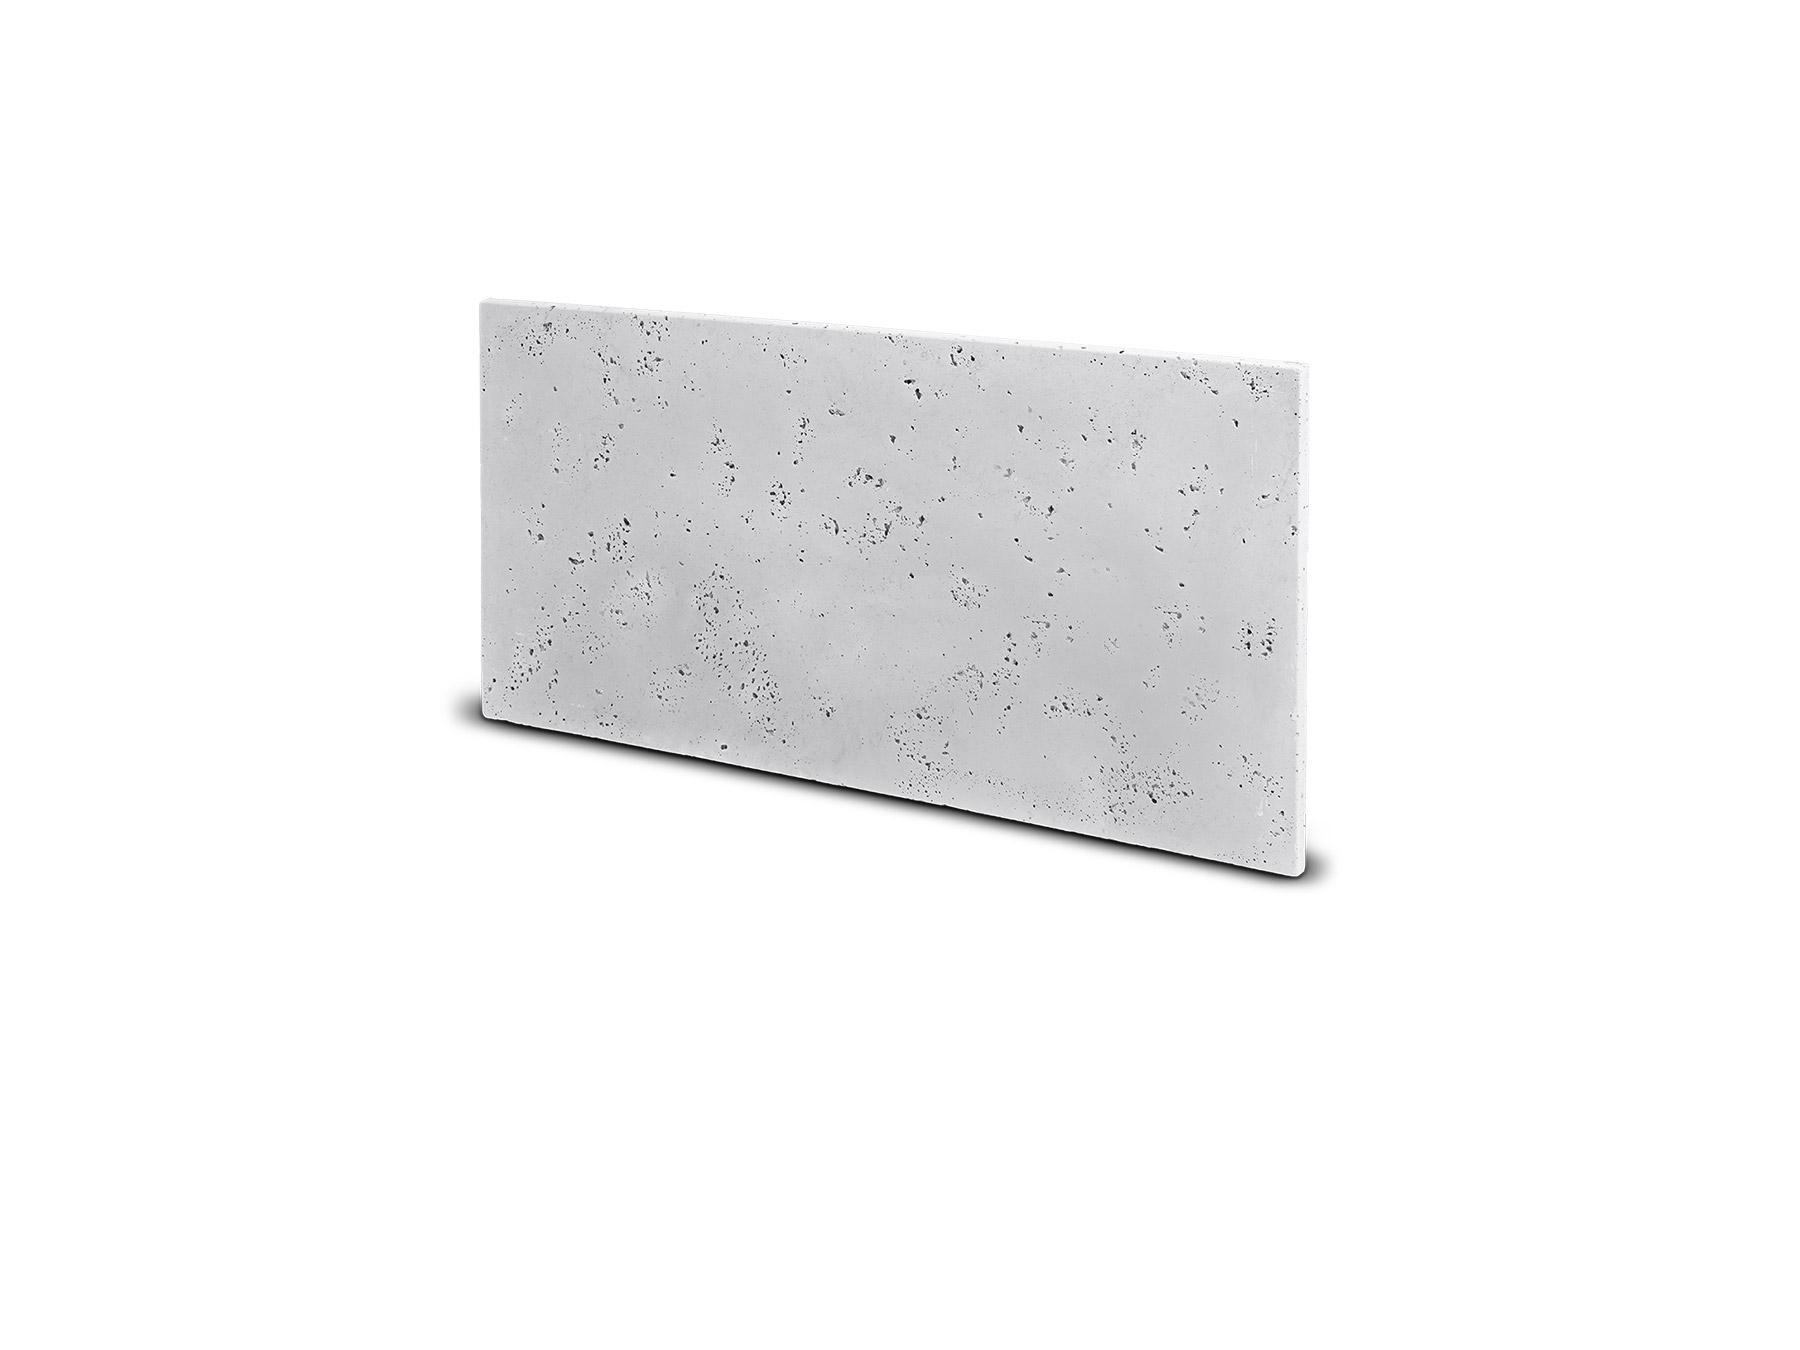 Fasádní obkladový beton světle cementový (s08)400x800 mm balení 0,32m2